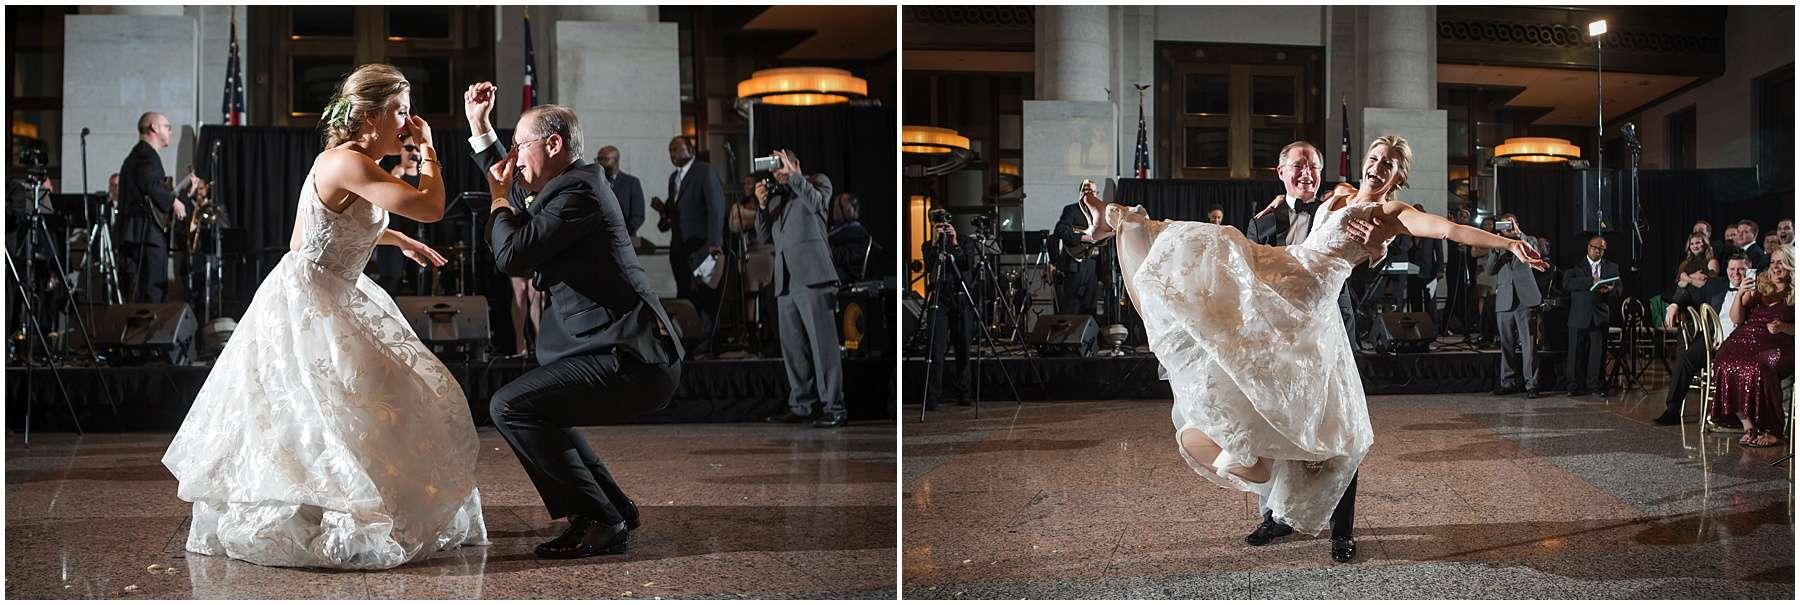 Wedding at the Ohio Statehouse | Columbus Ohio Weddings 224